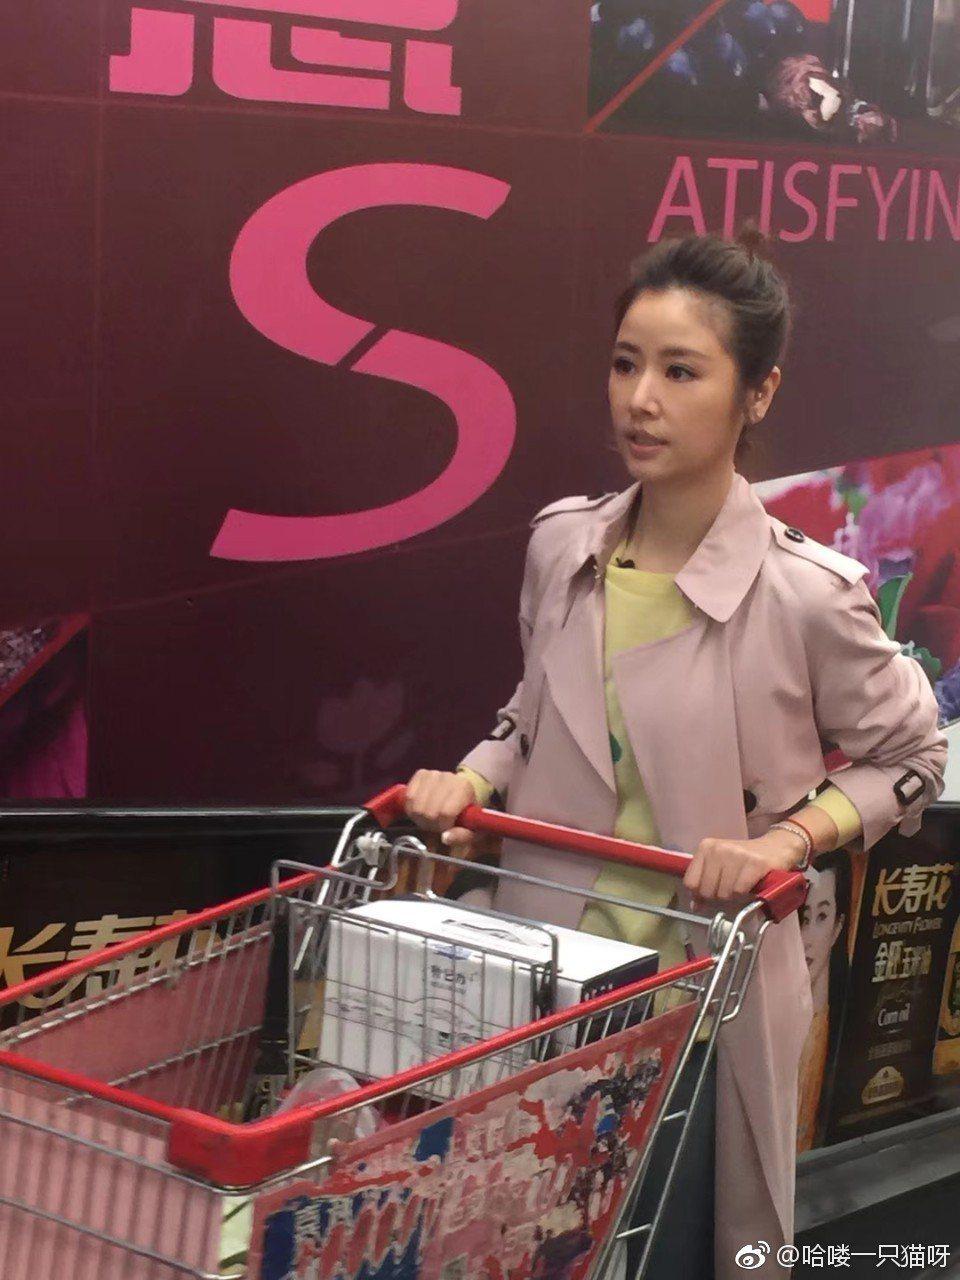 林心如現身超市,民眾瘋圍觀保安忙開路。 圖/擷自微博